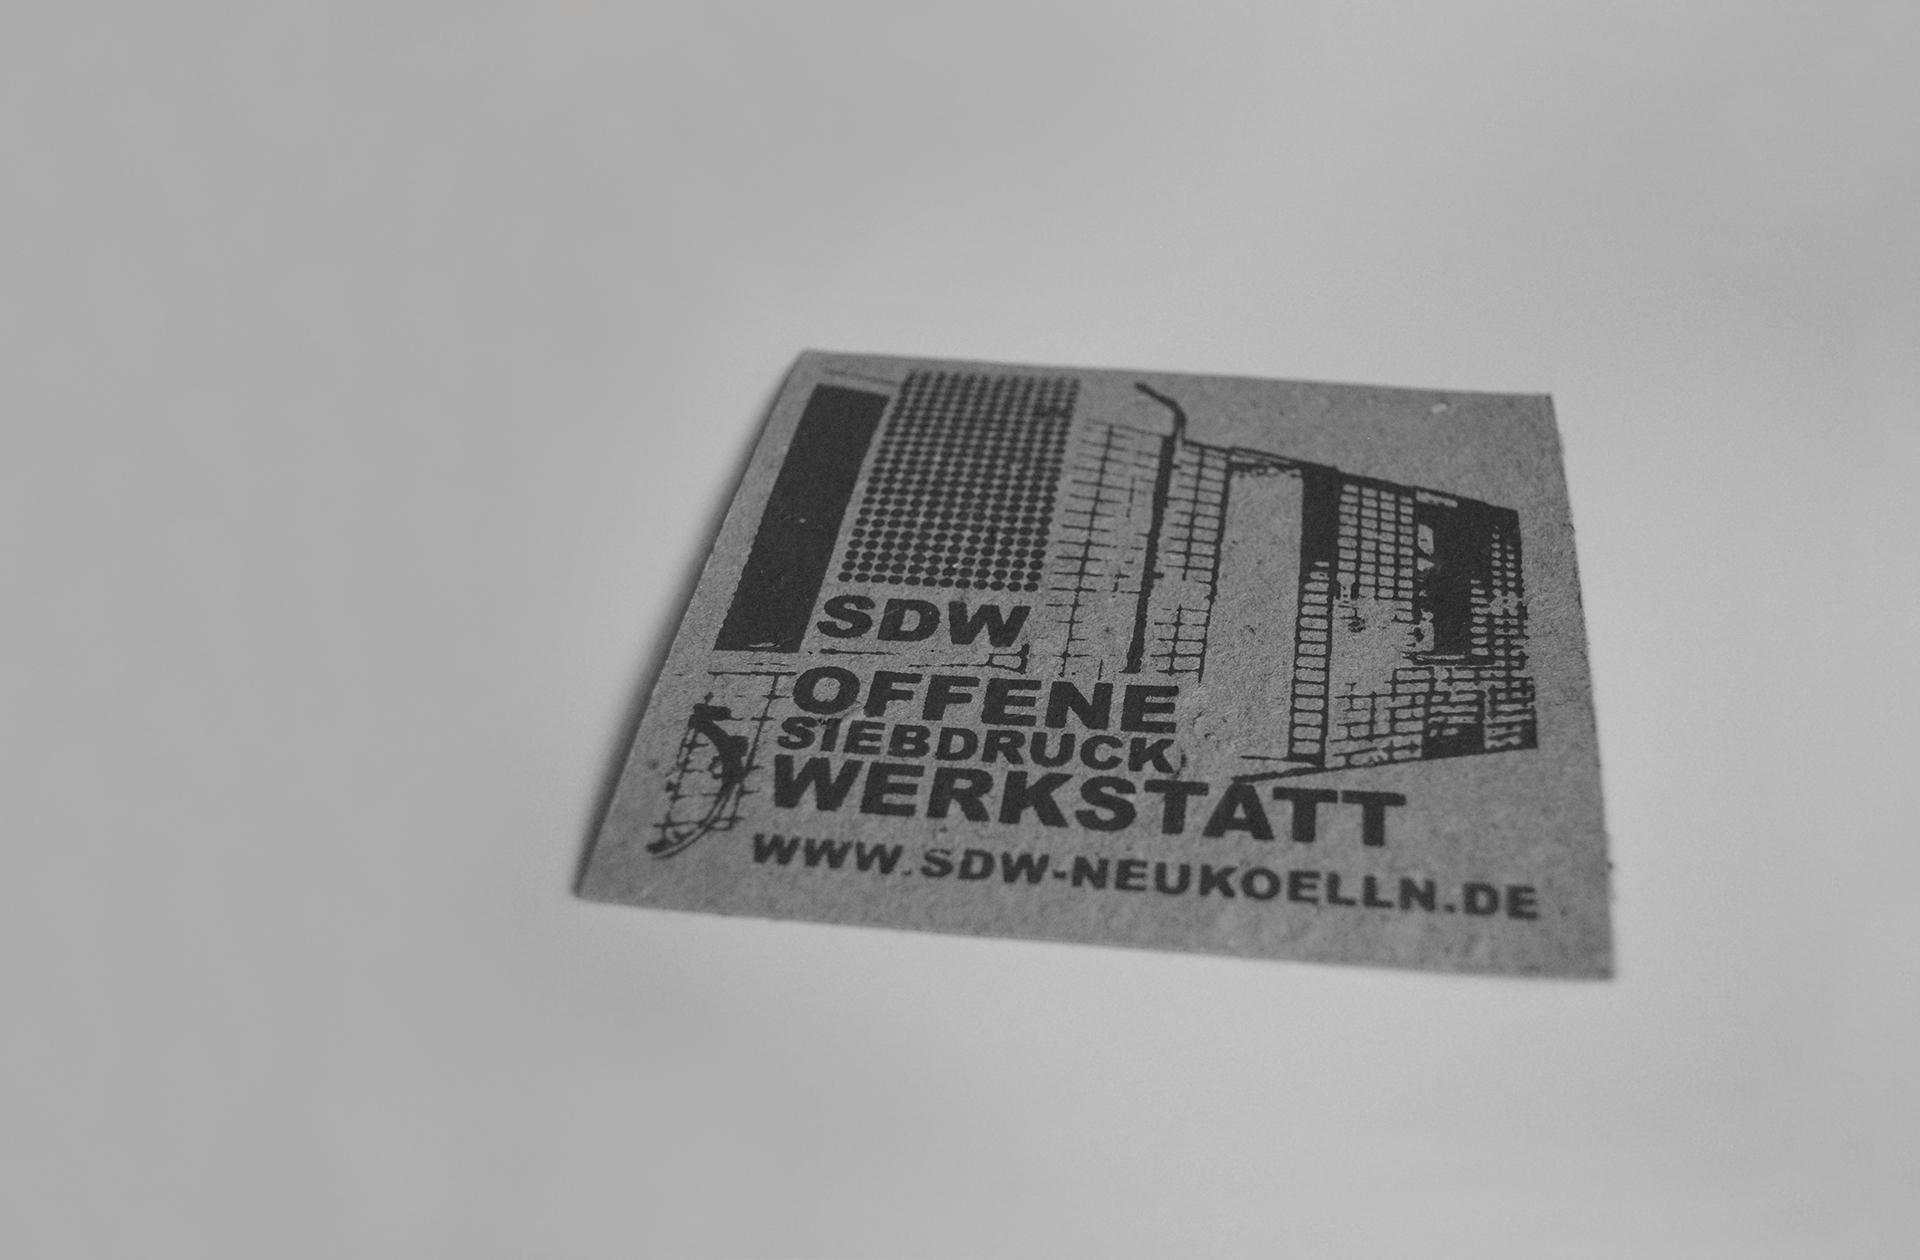 SDW_3